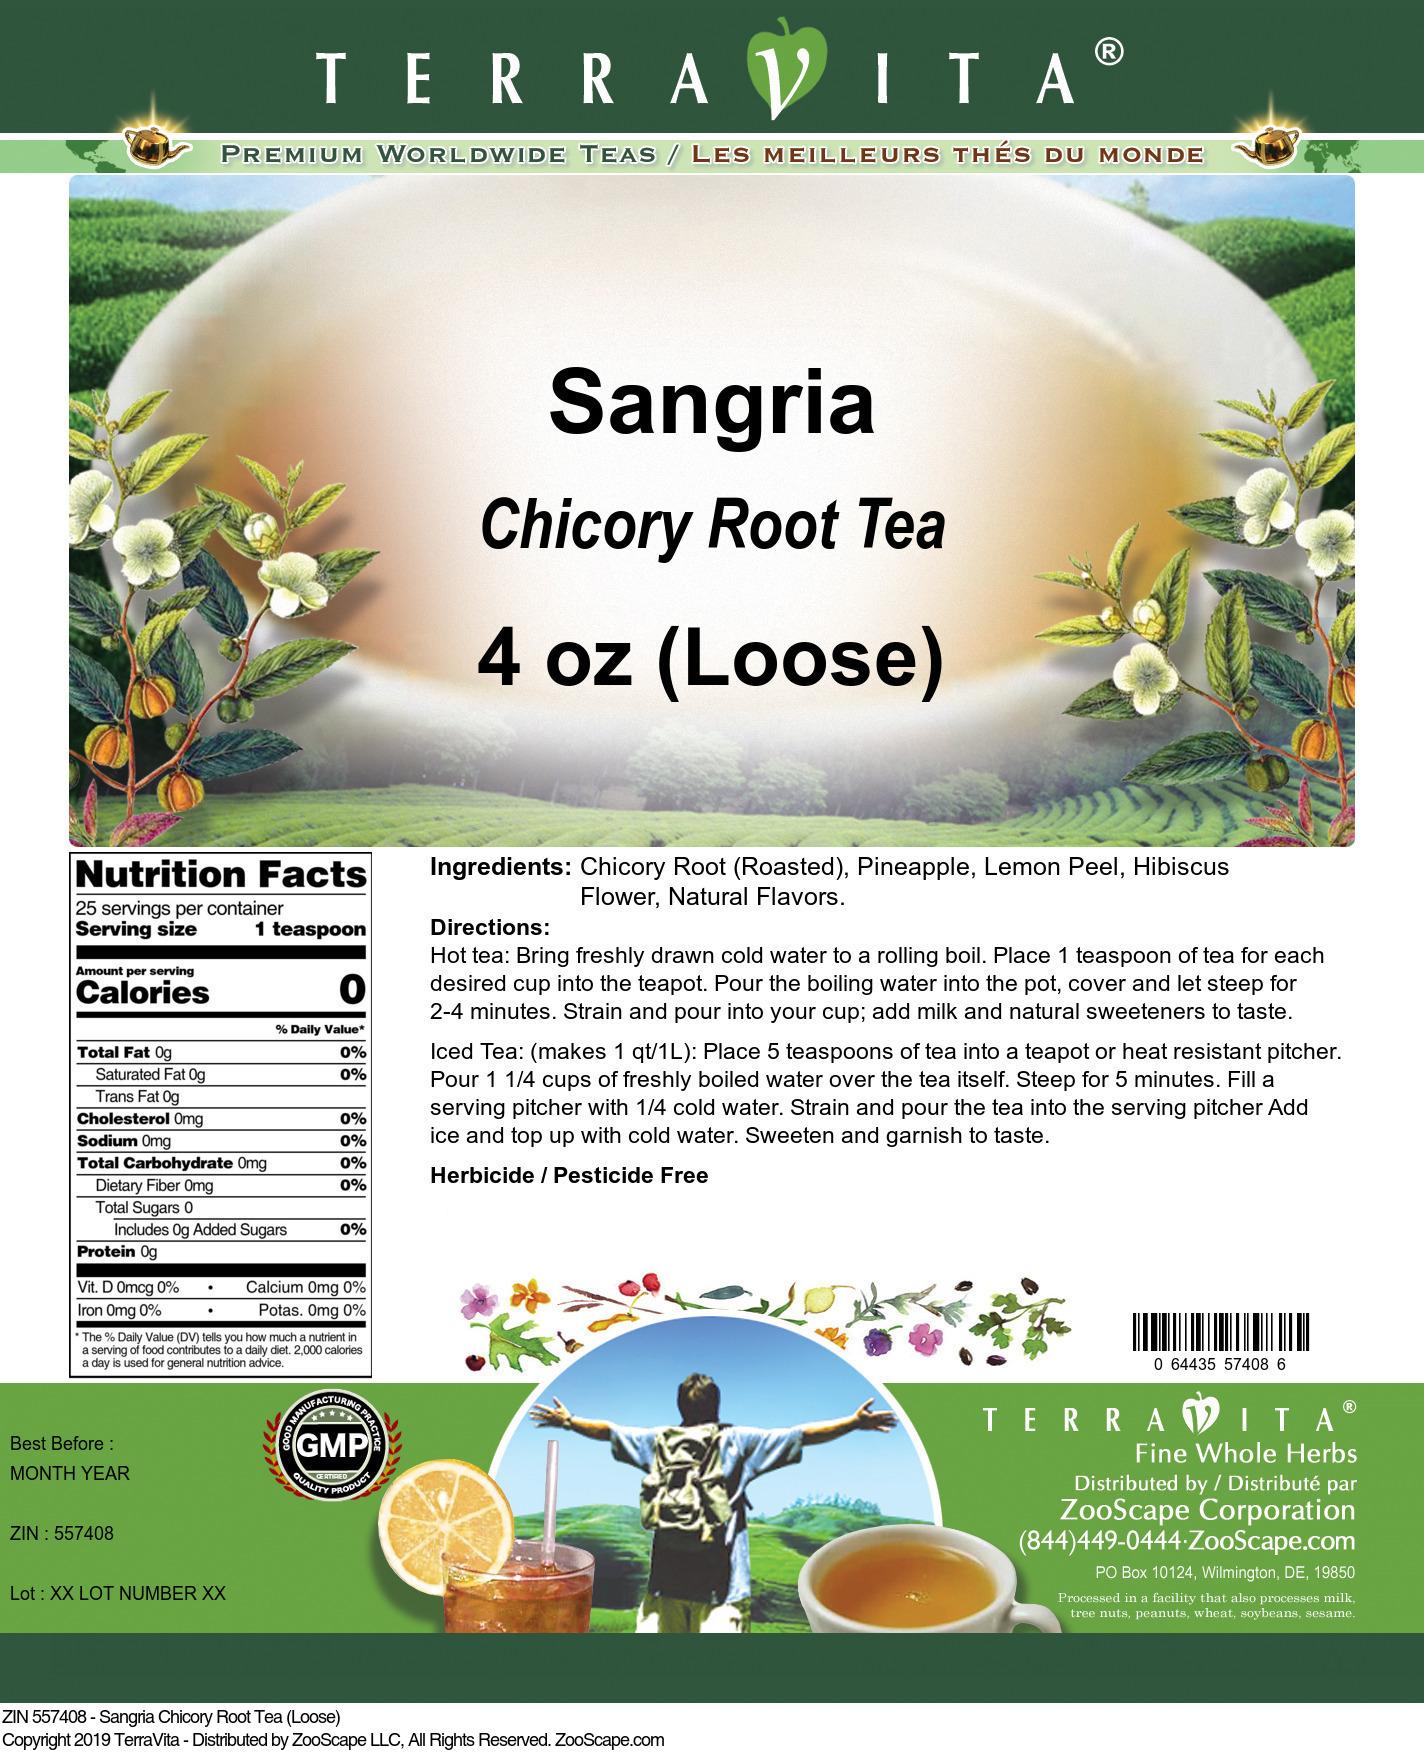 Sangria Chicory Root Tea (Loose)